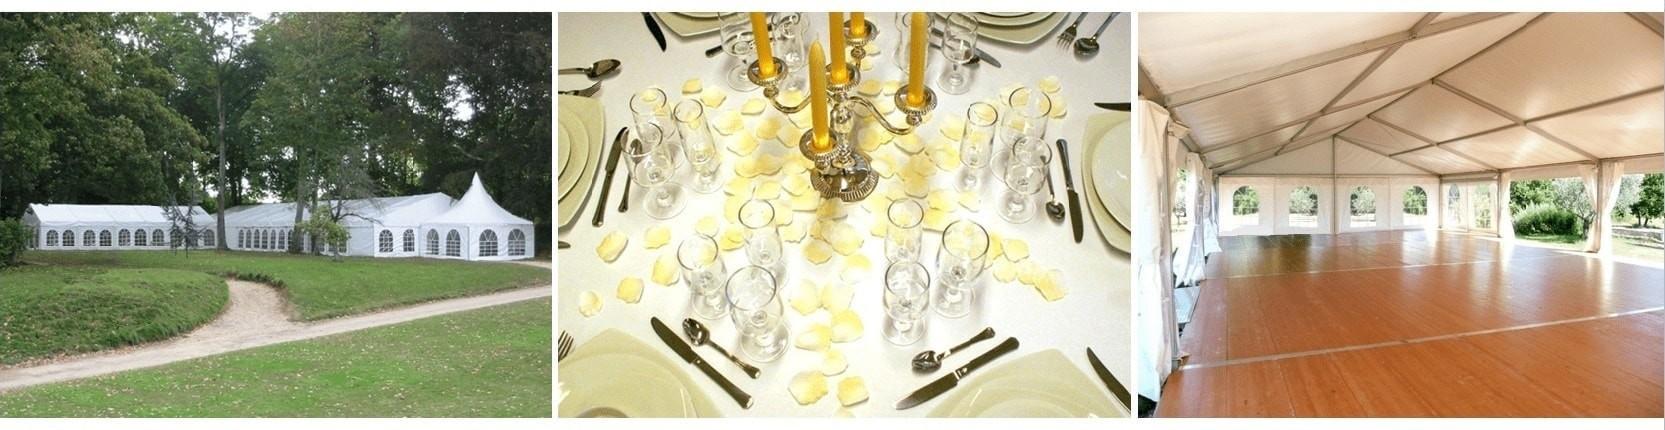 Location de vaisselle, assiettes, verres, couverts